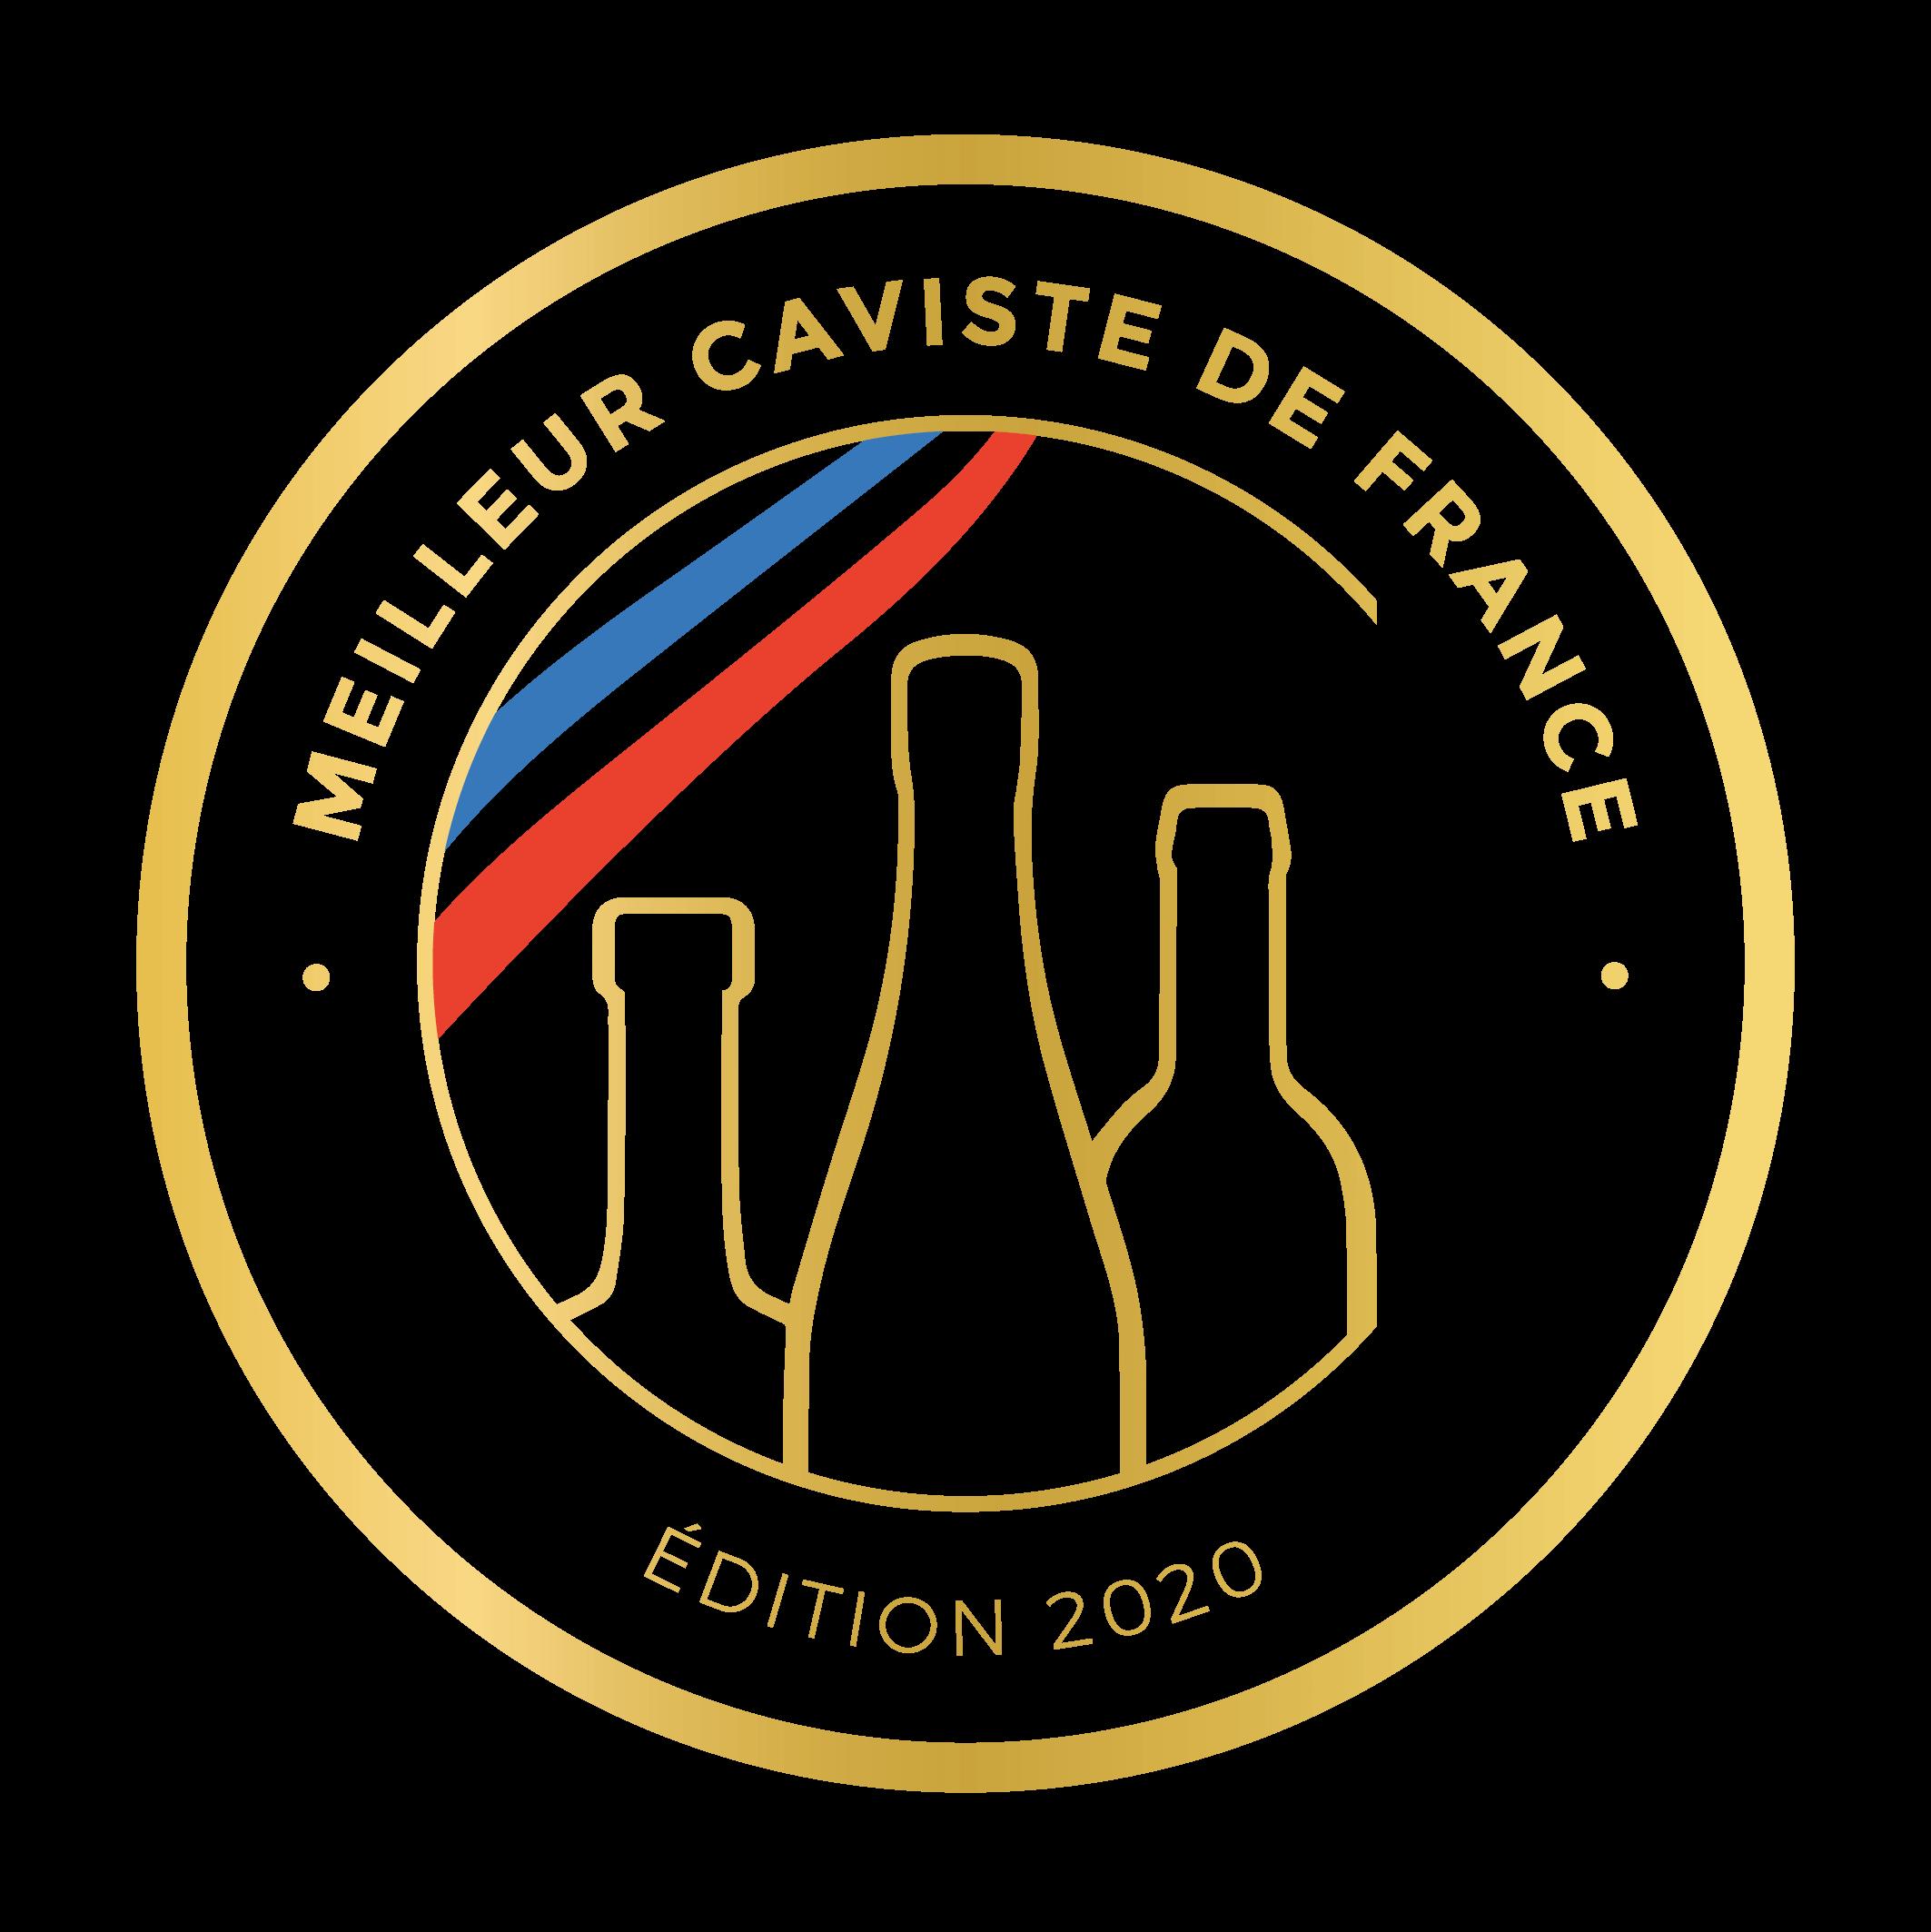 Logo du Concours du meilleur caviste de France 2020